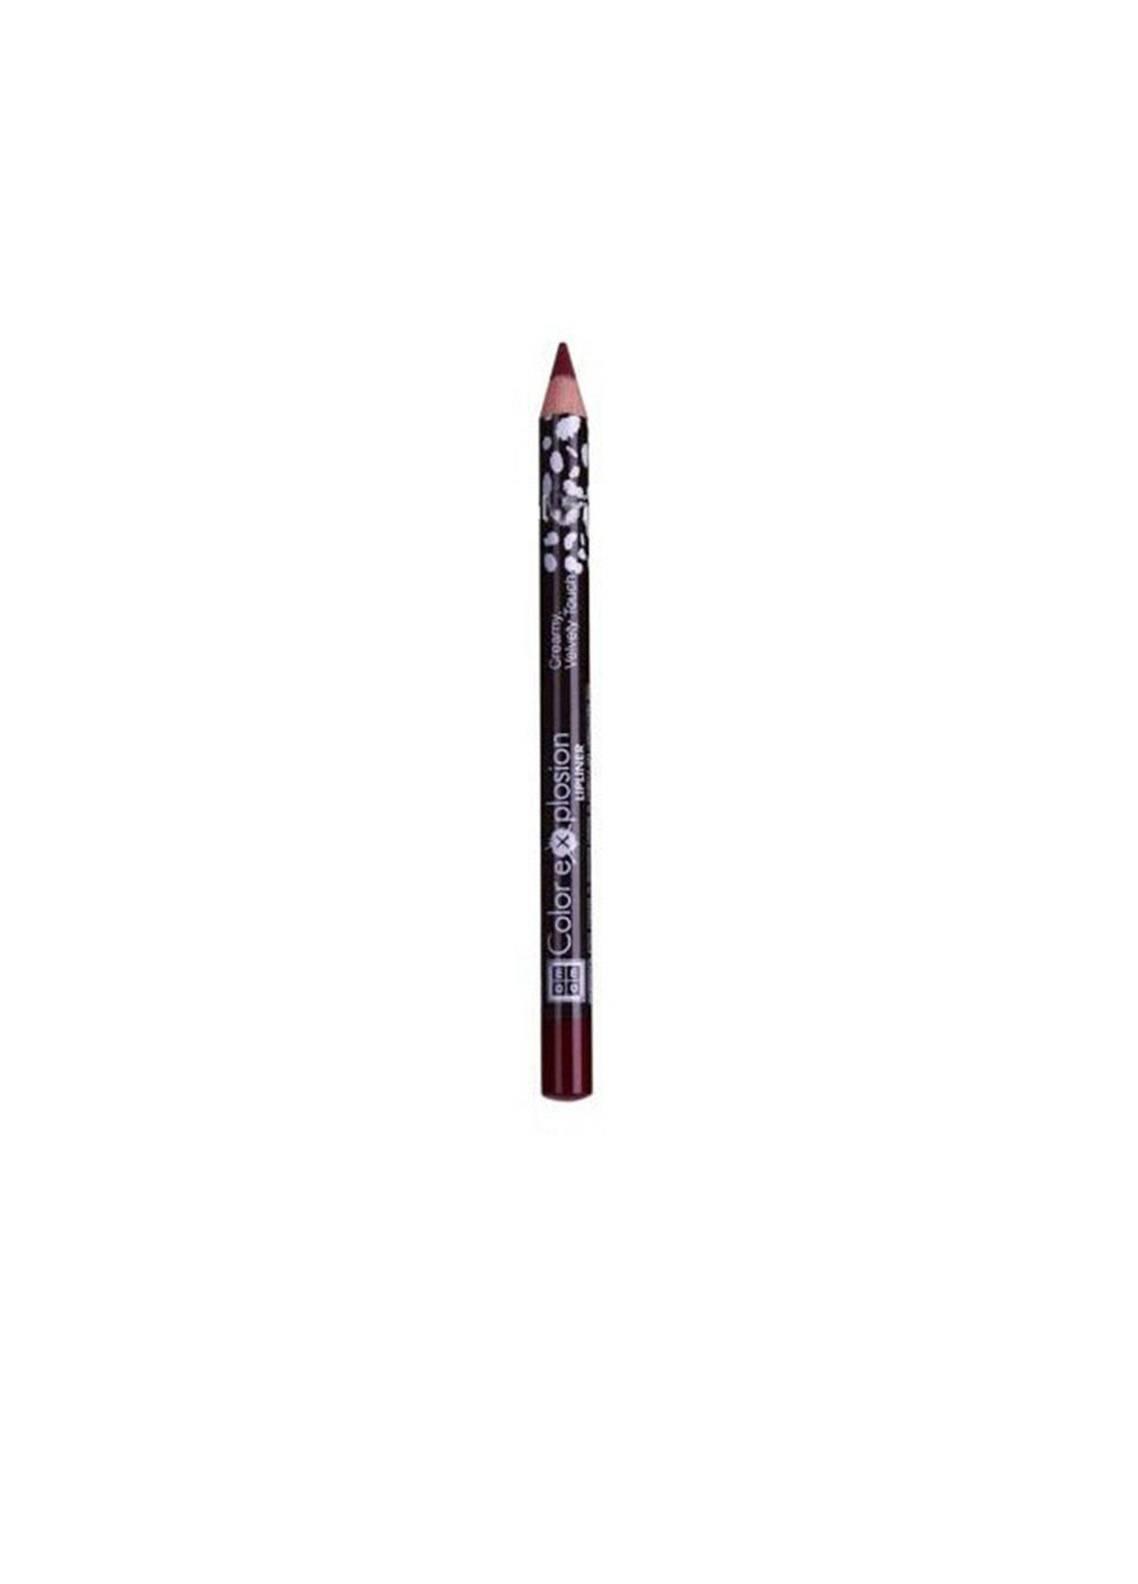 DMGM Color Explosion Lip Liner Maroon Fever-09